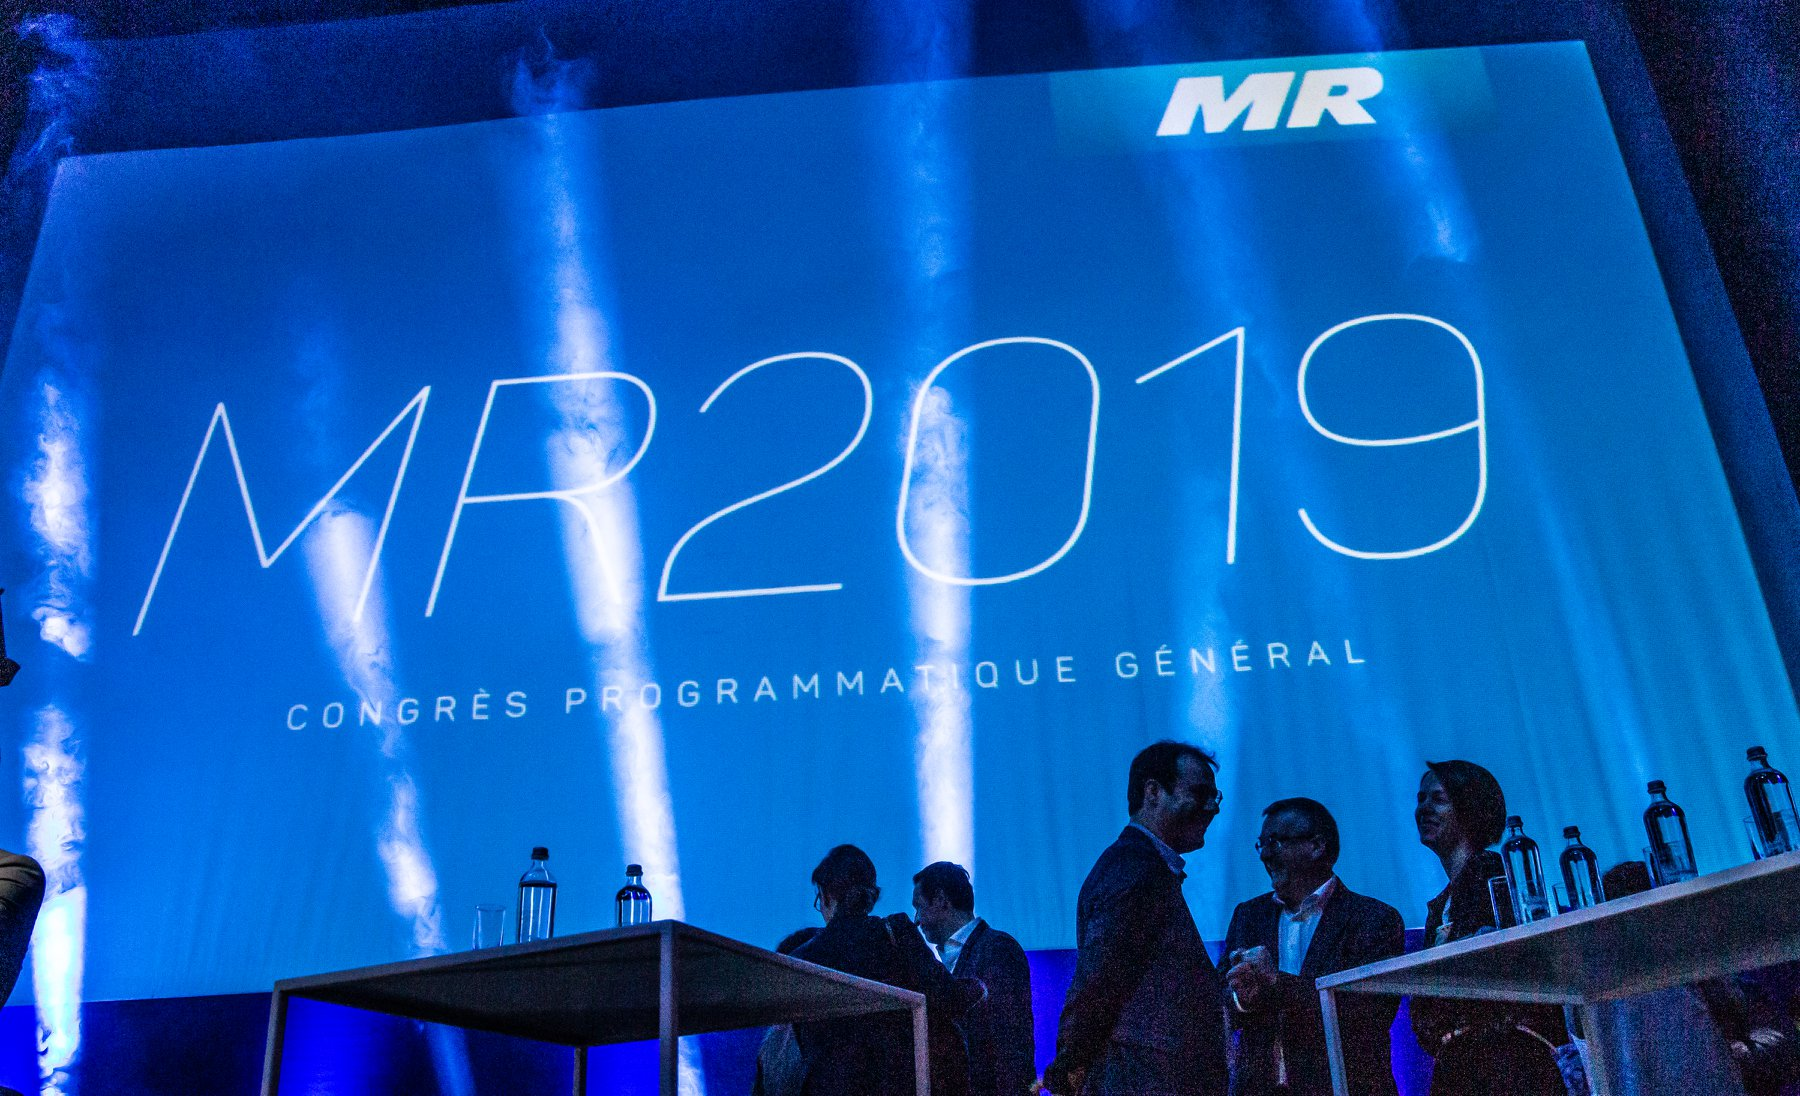 Discours du président du MR Charles Michel: Congrès programmatique général – Louvain-La-Neuve – 24 mars 2019